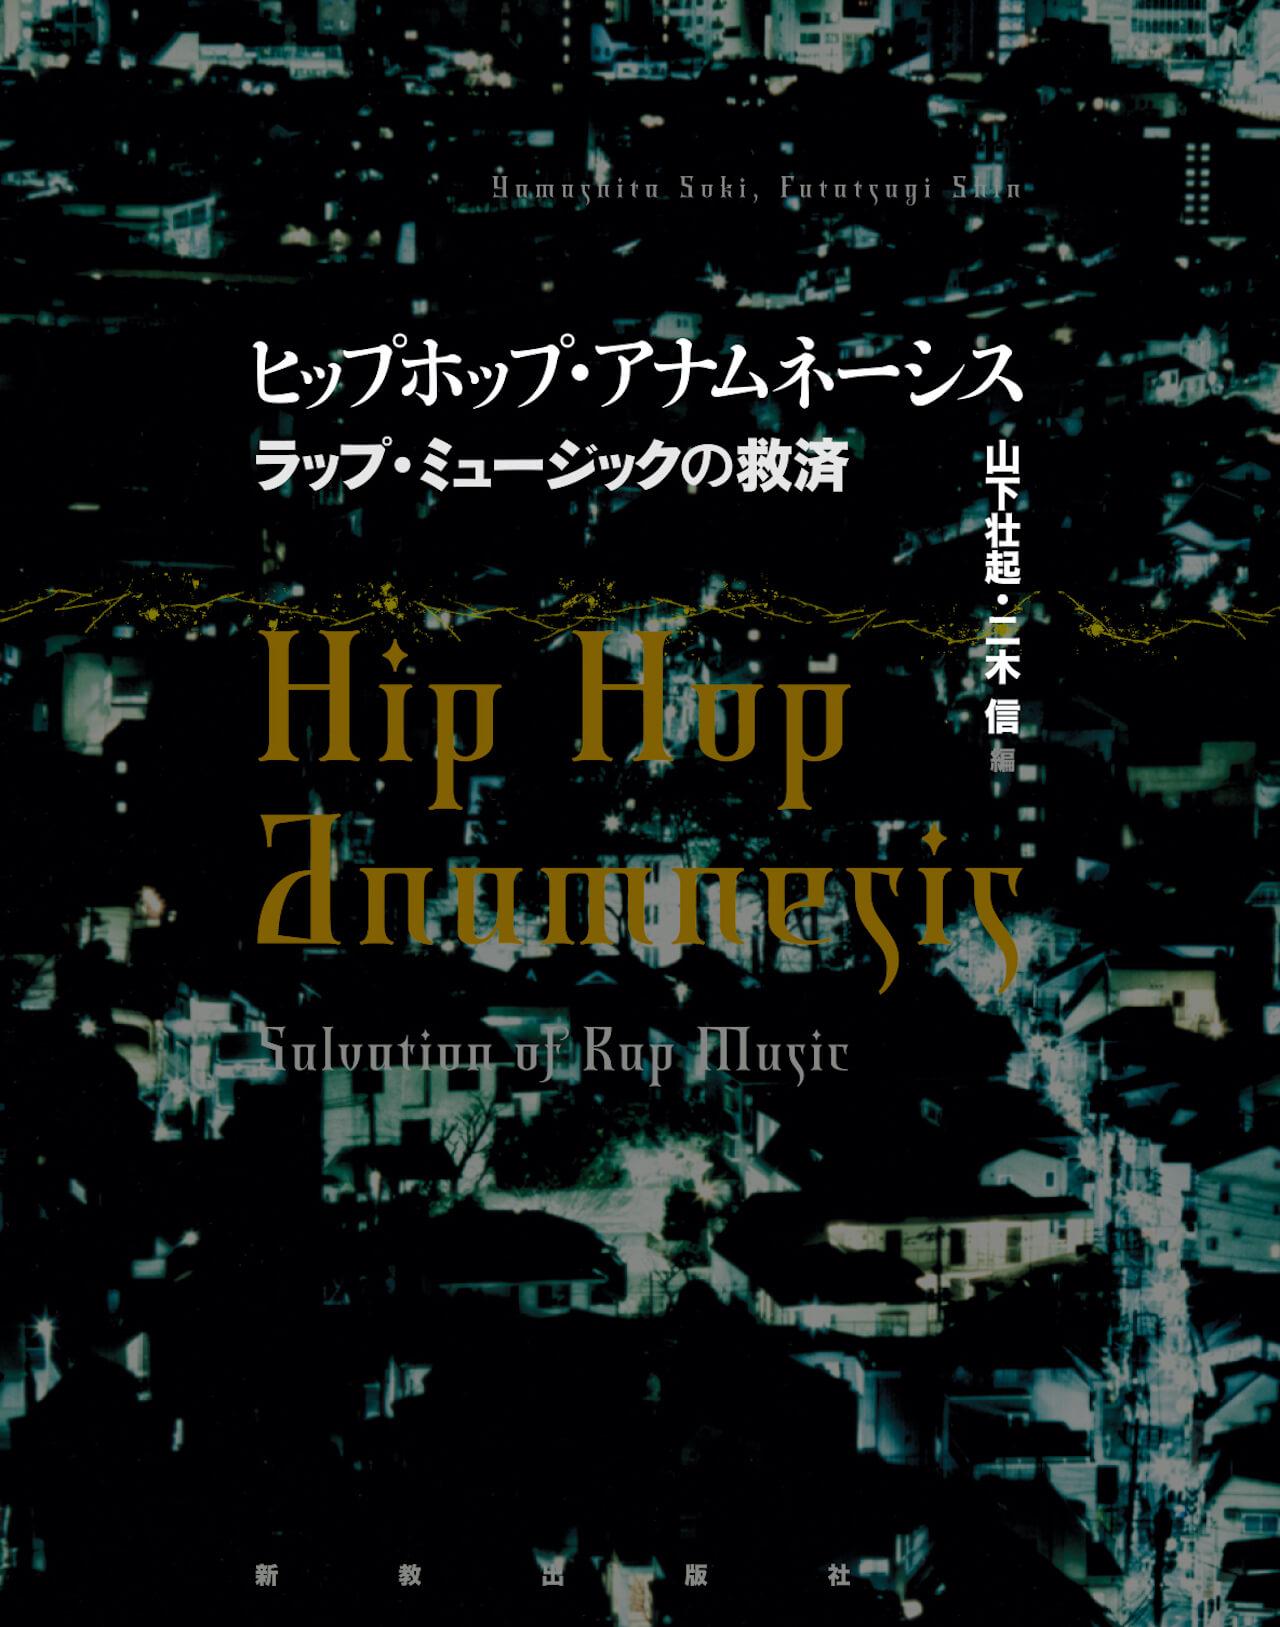 ラッパーたちの霊性について取り上げた書籍『ヒップホップ・アナムネーシス――ラップ・ミュージックの救済』から序文を独占公開 music210222-hiphopanumnesis